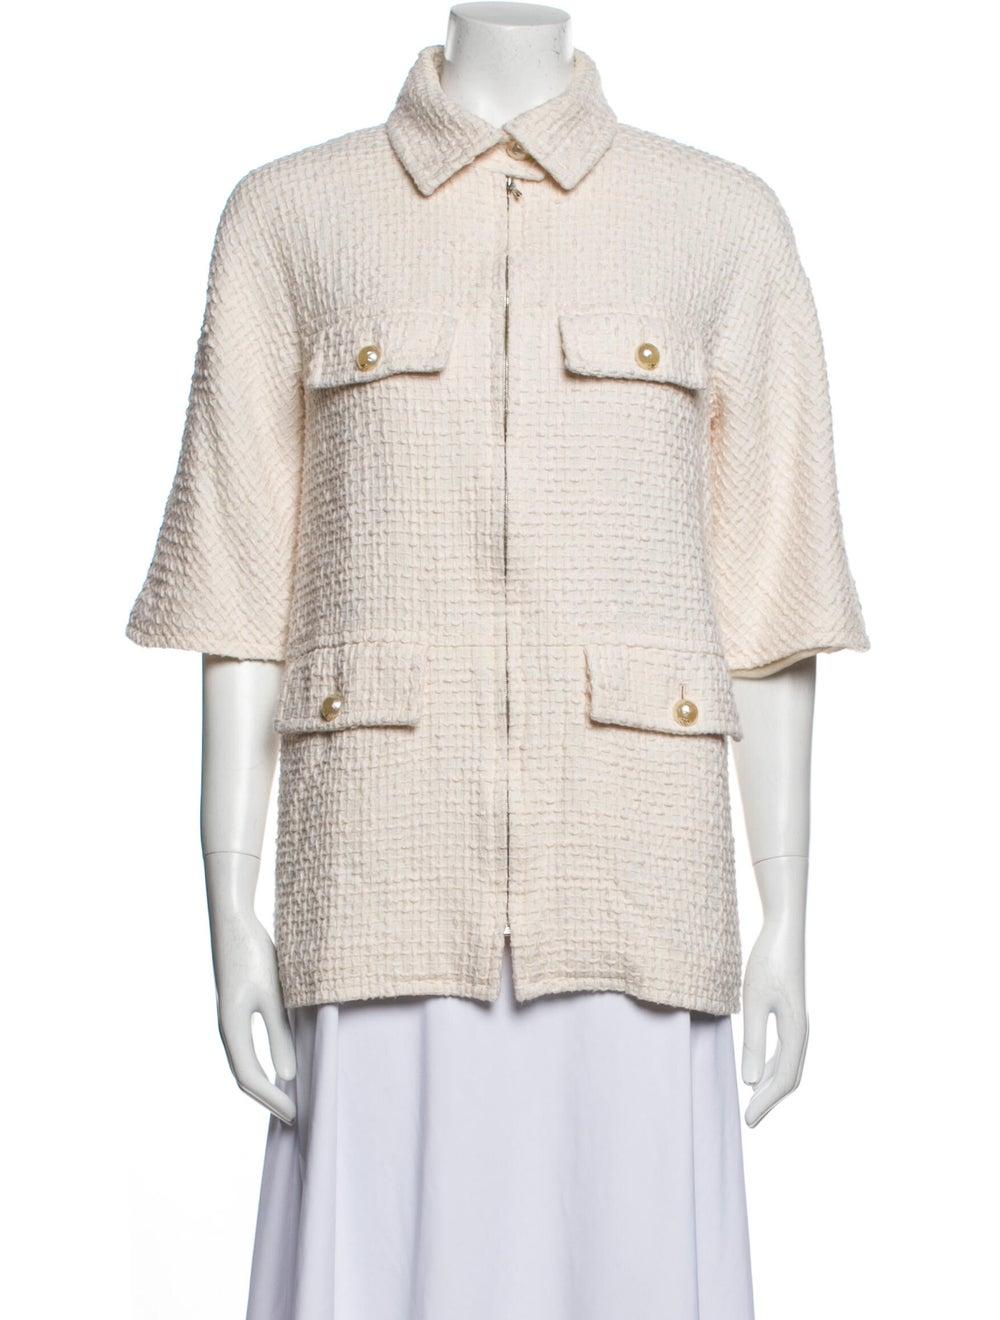 Chanel 2012 Jacket - image 1